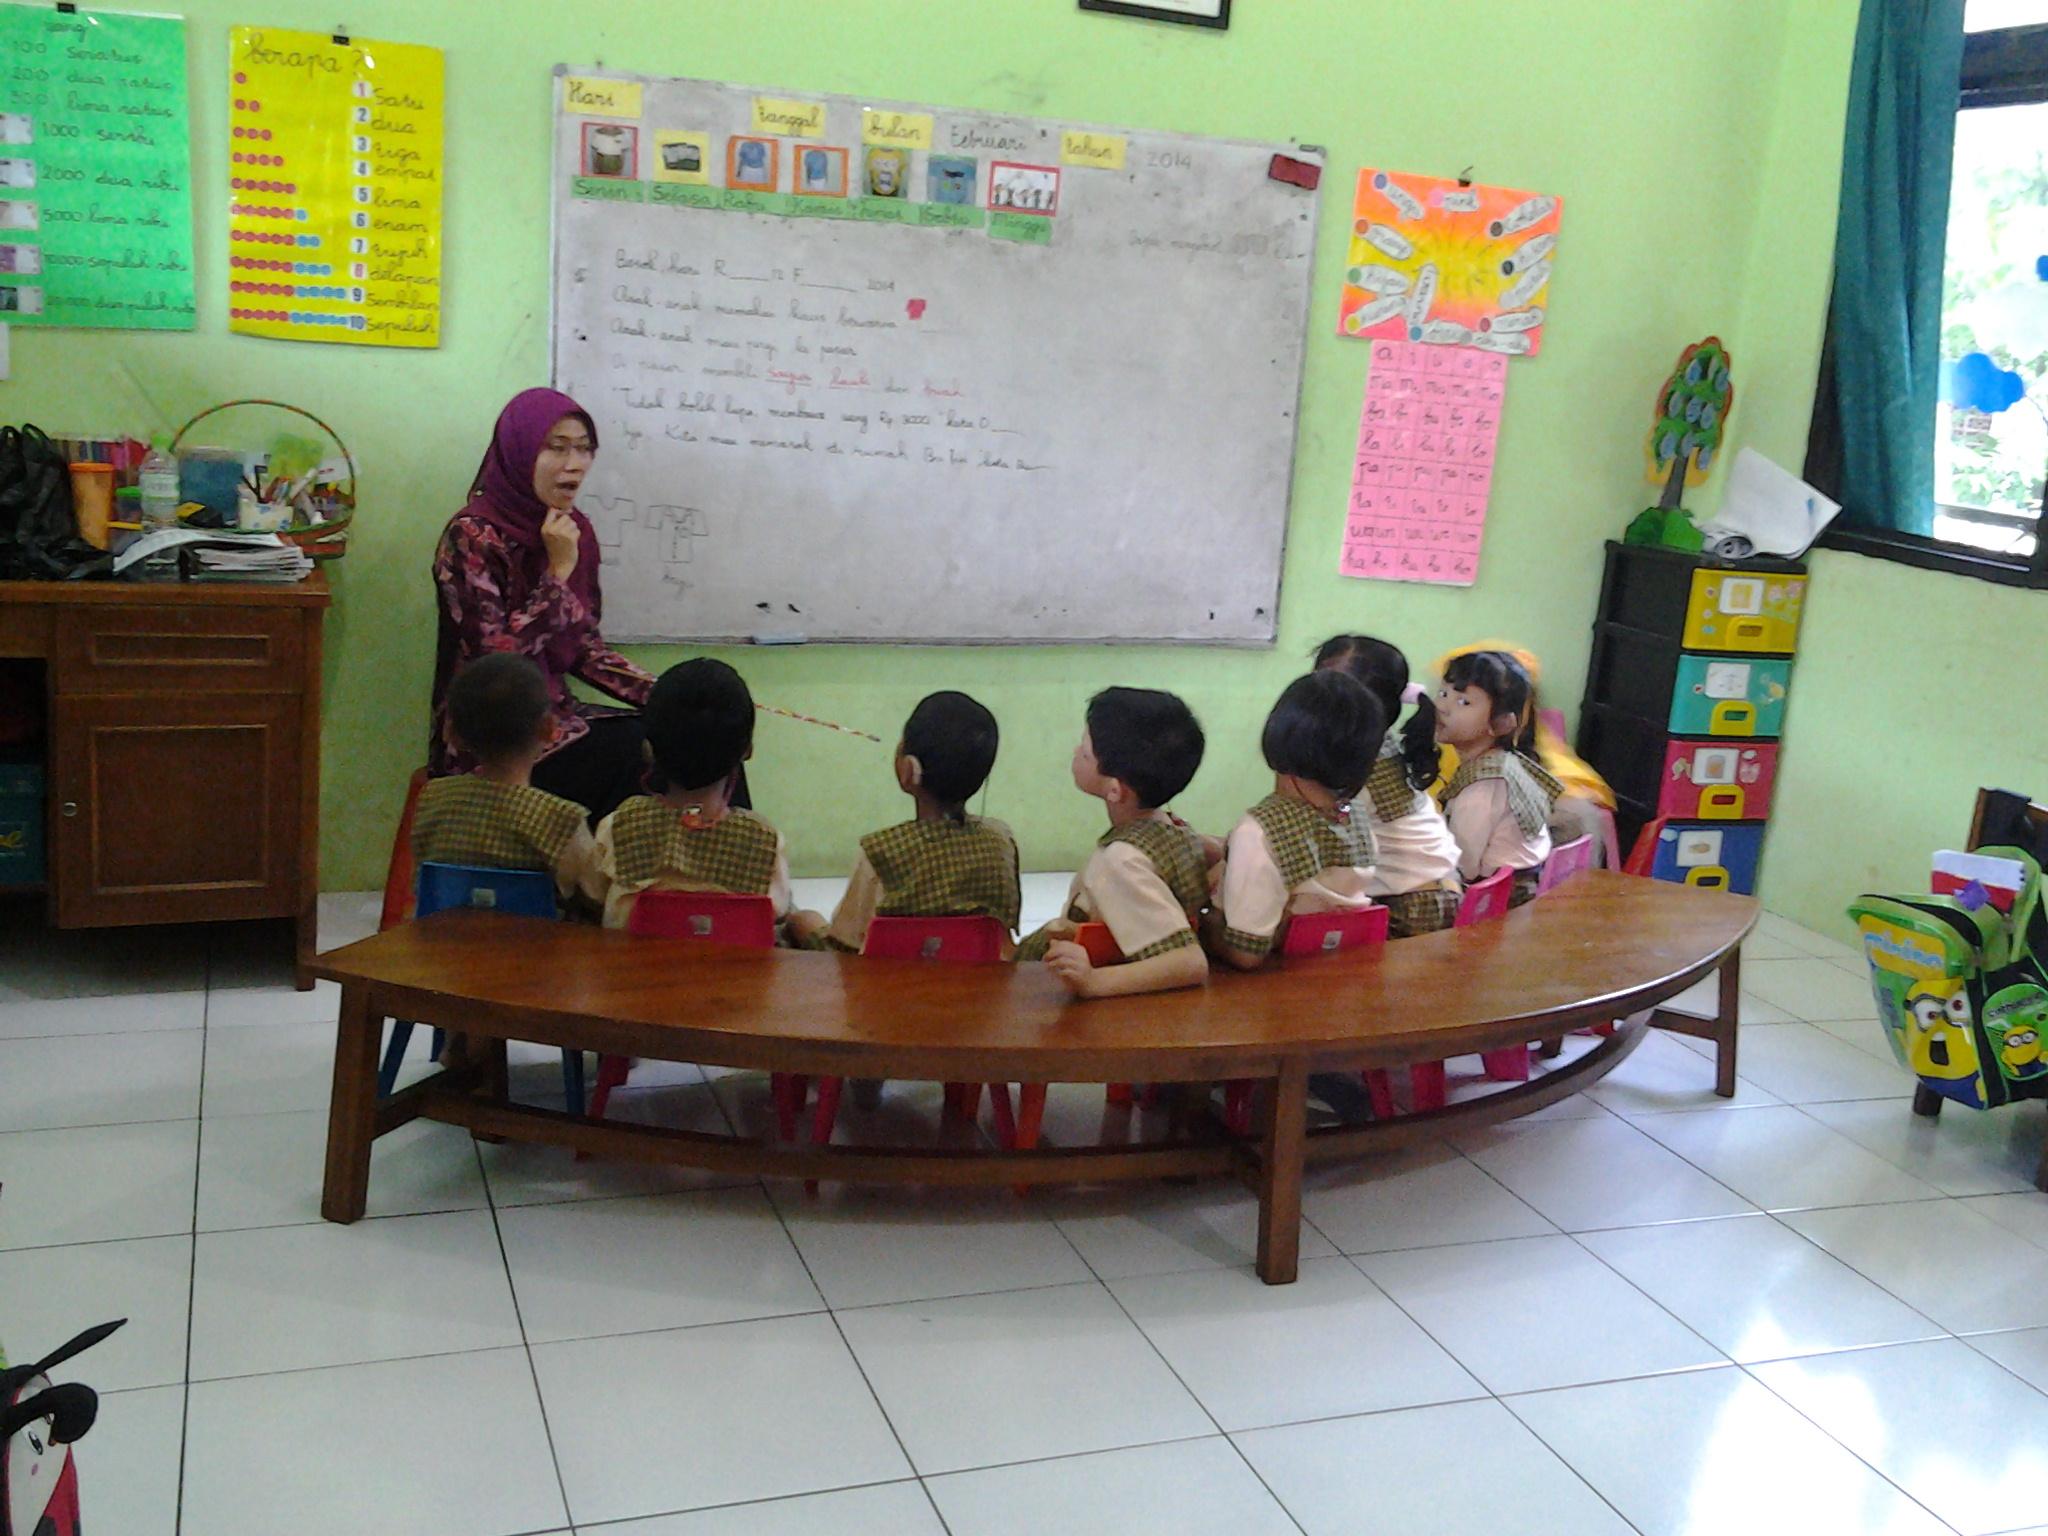 Media Pembelajaran Pkn Untuk Anak Tunarungu 100 Contoh Judul Skripsi Pendidikan Contoh Terbaru 2048 X 1536 Jpeg 896kb Media Pembelajaran Anak Anak Pendidikan